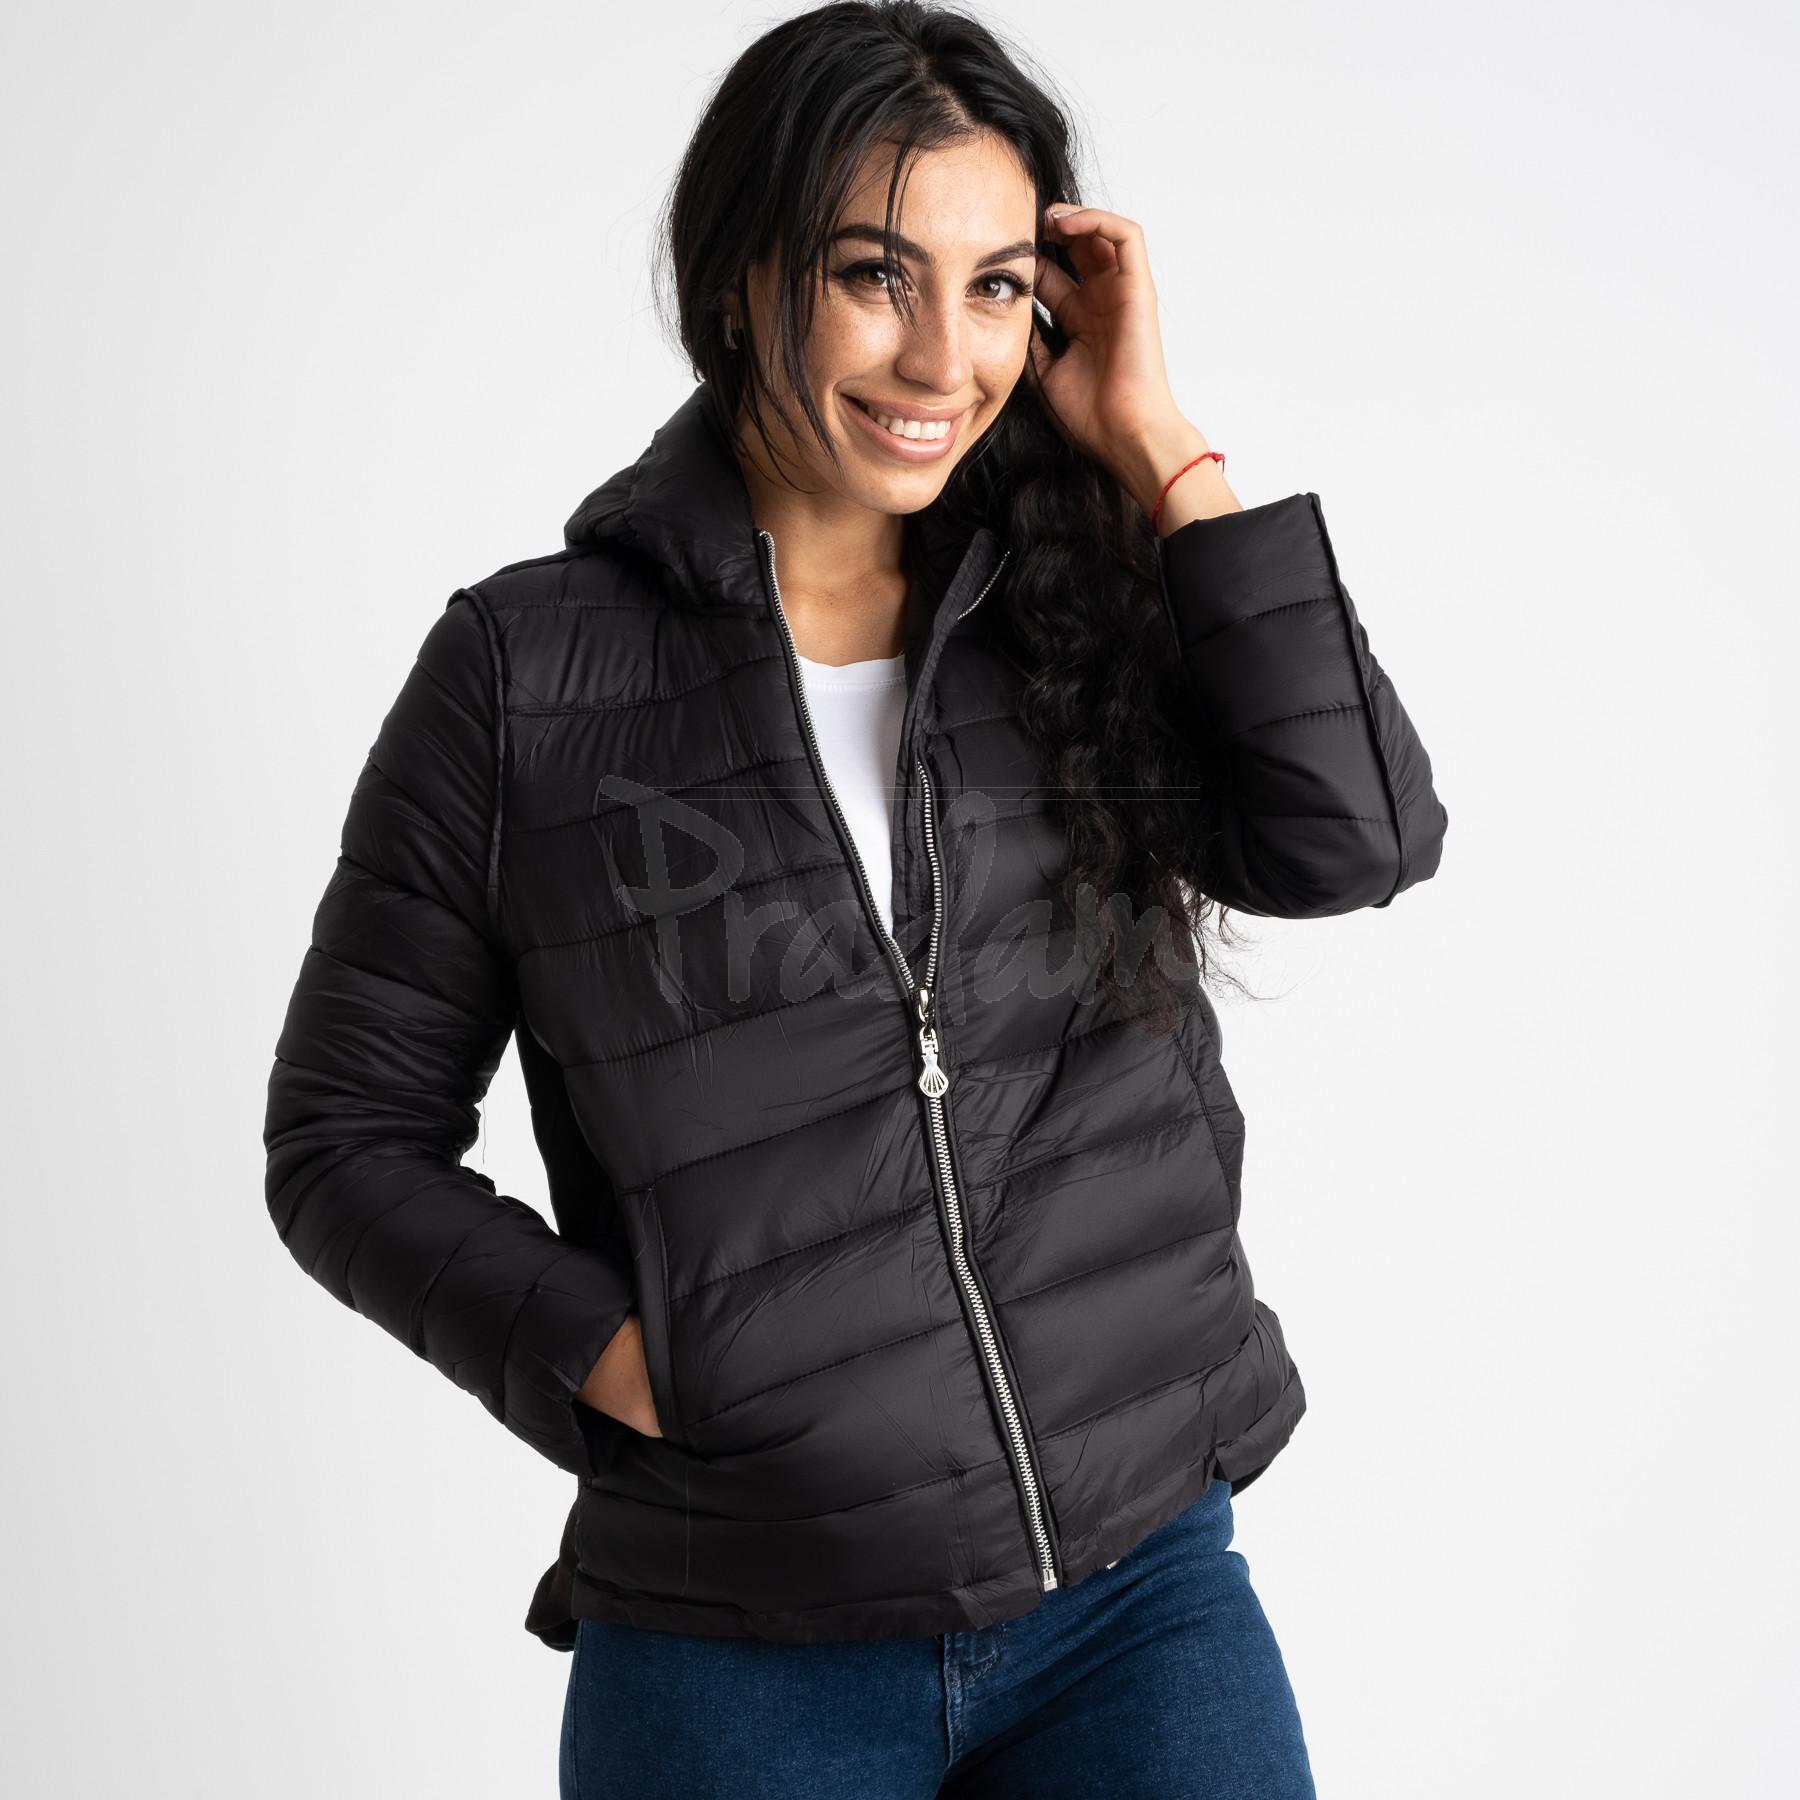 7021-1 куртка женская черная на синтепоне (5 ед. размеры: L-3XL)